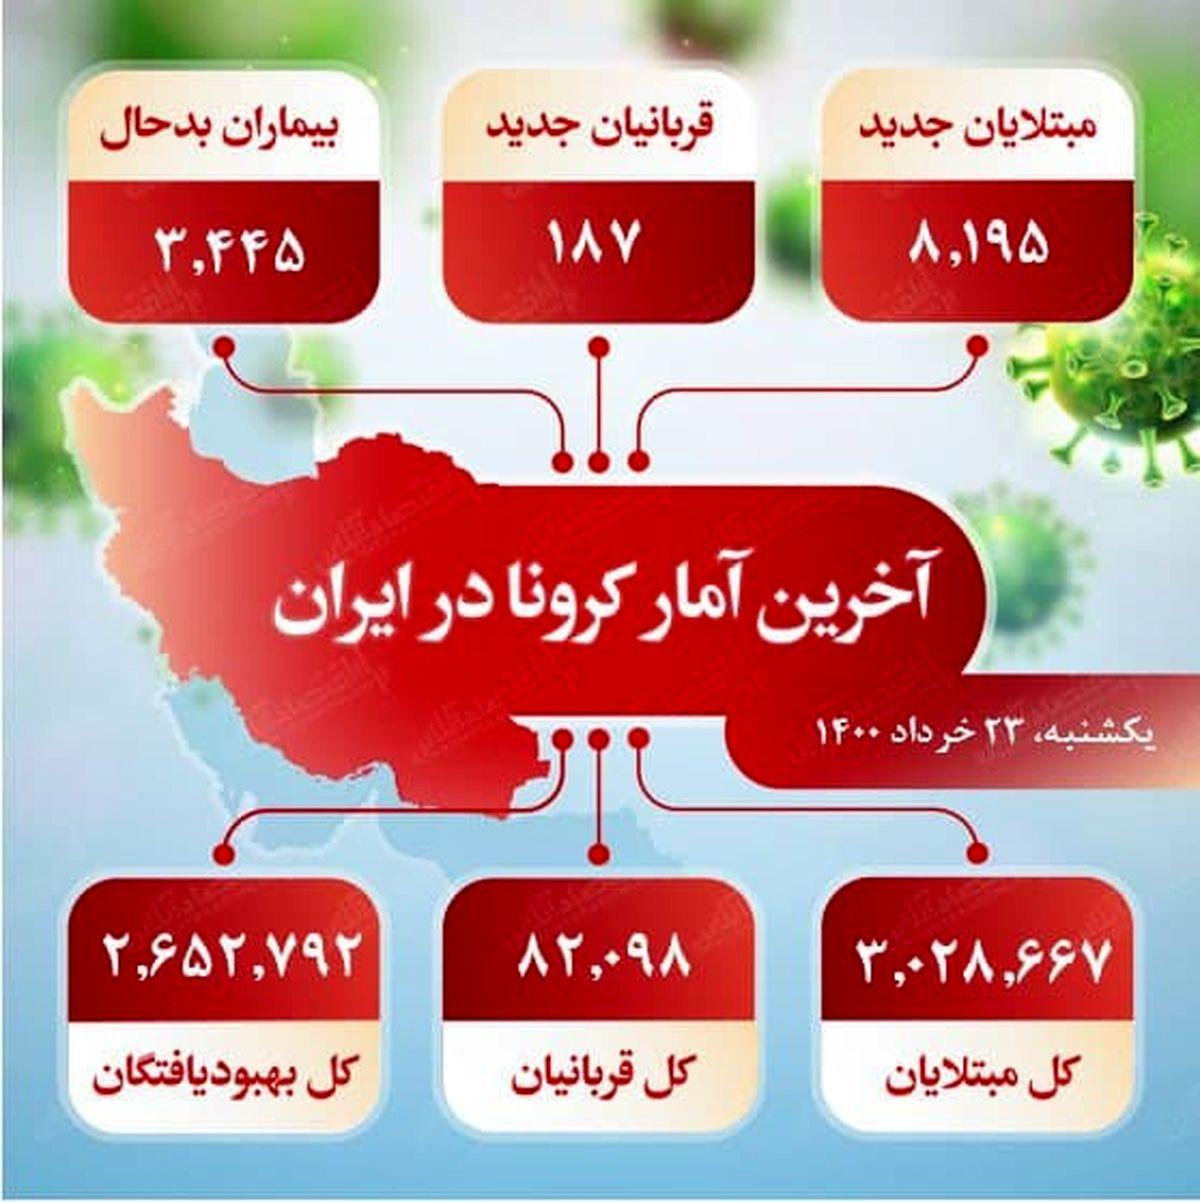 آخرین آمار کرونا در ایران (۱۴۰۰/۳/۲۳)